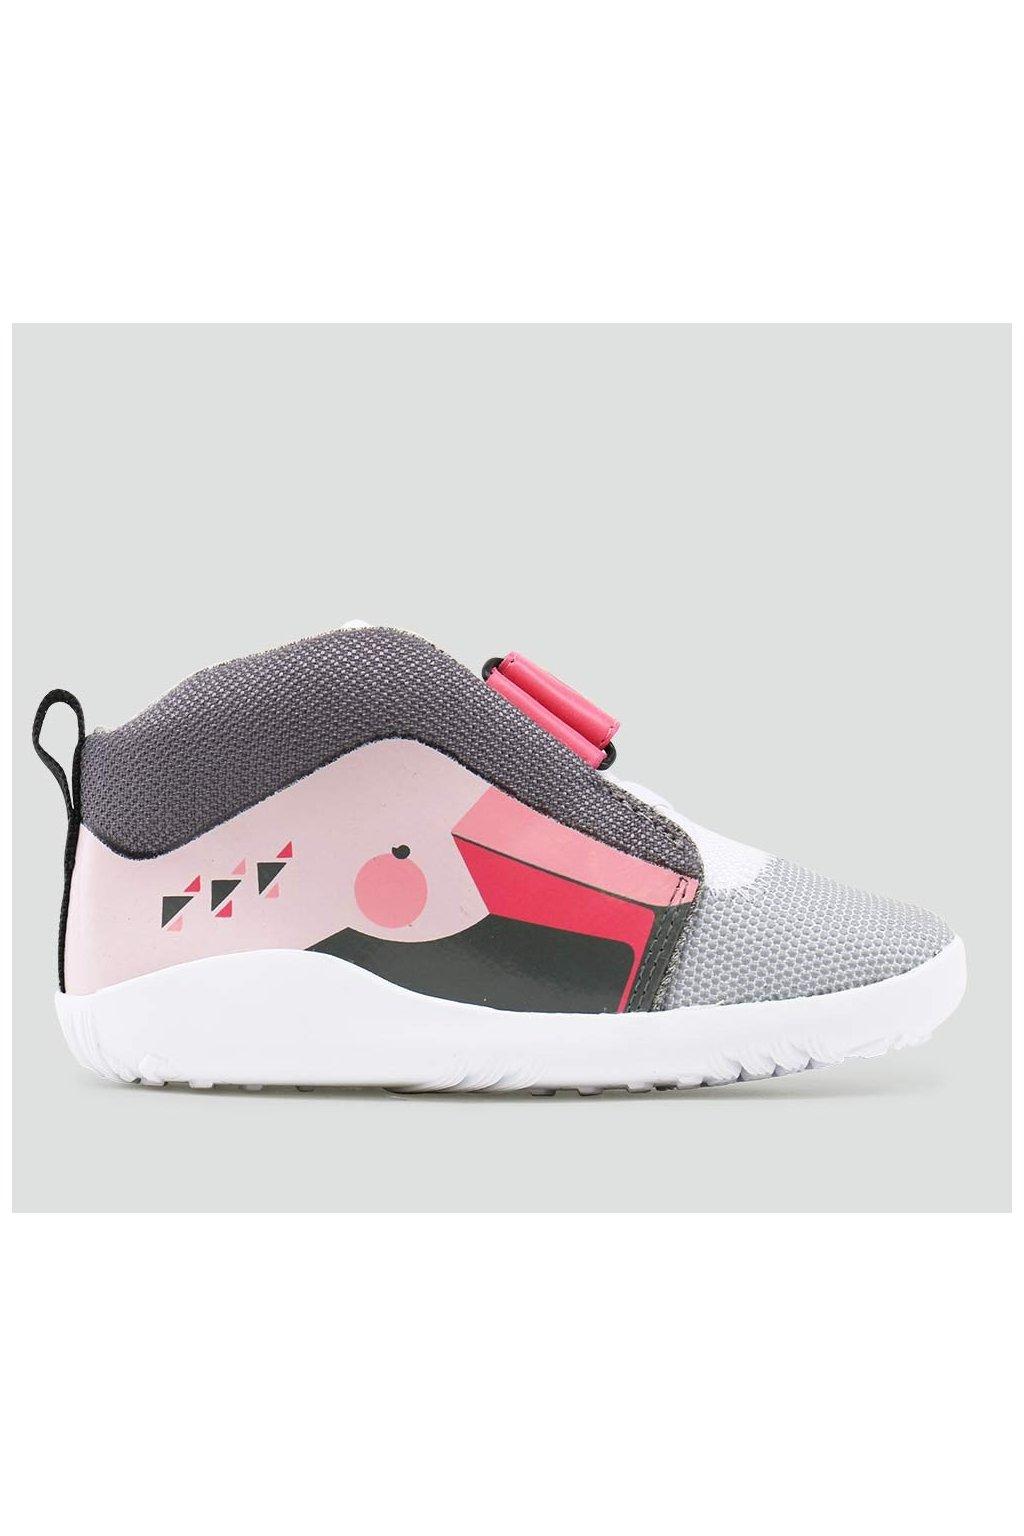 Bobux Blaze Hi Flamingo Pink